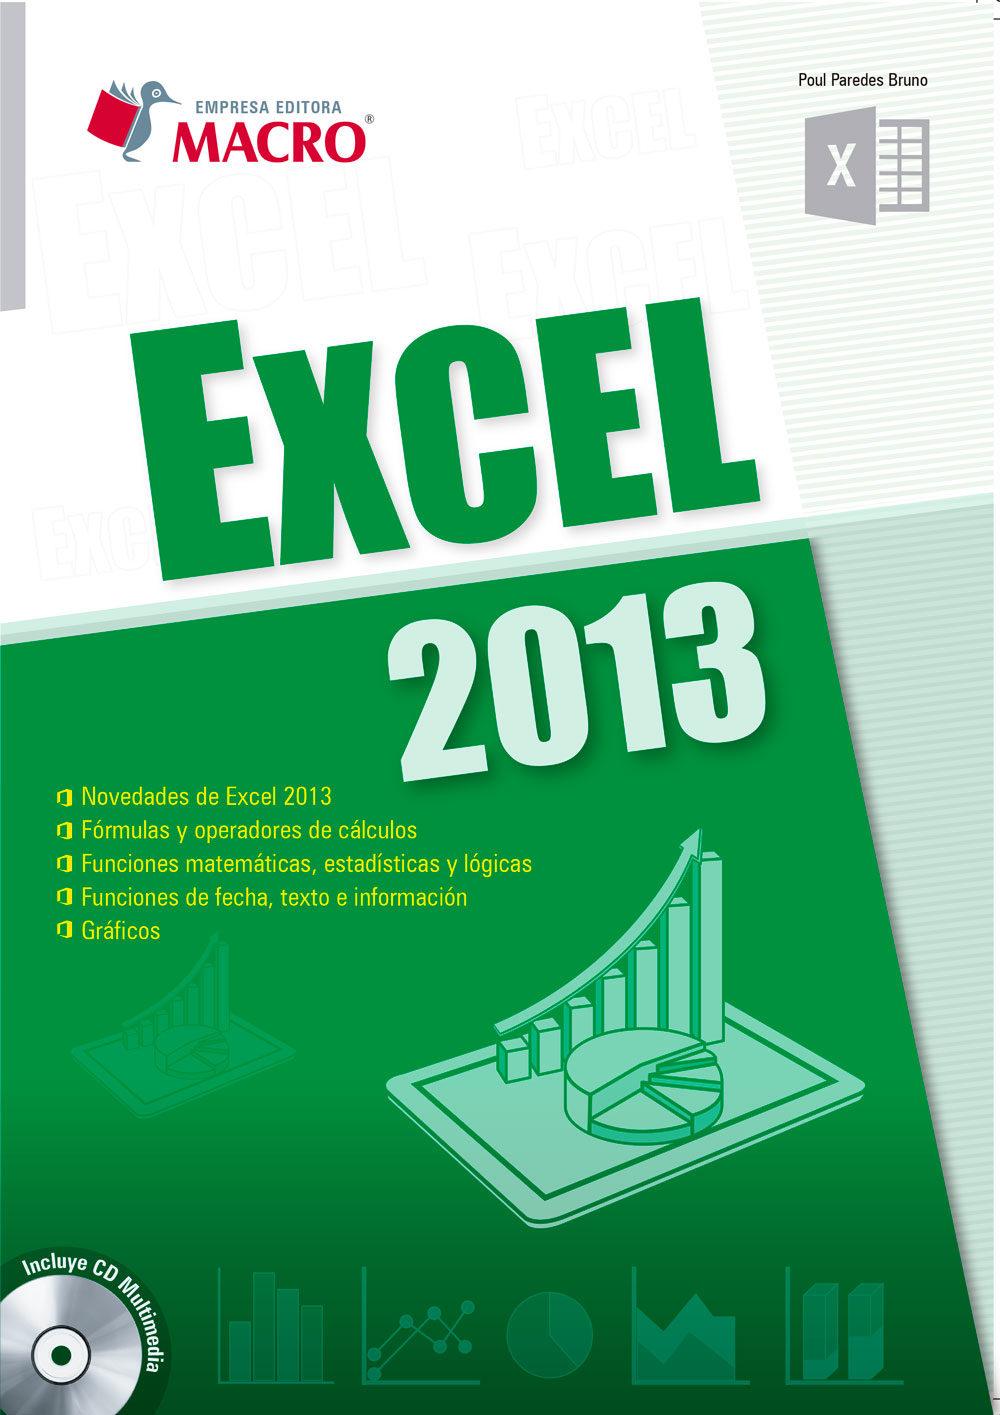 EXCEL 2013 EBOOK | POUL PAREDES BRUNO | Descargar libro PDF o EPUB ...